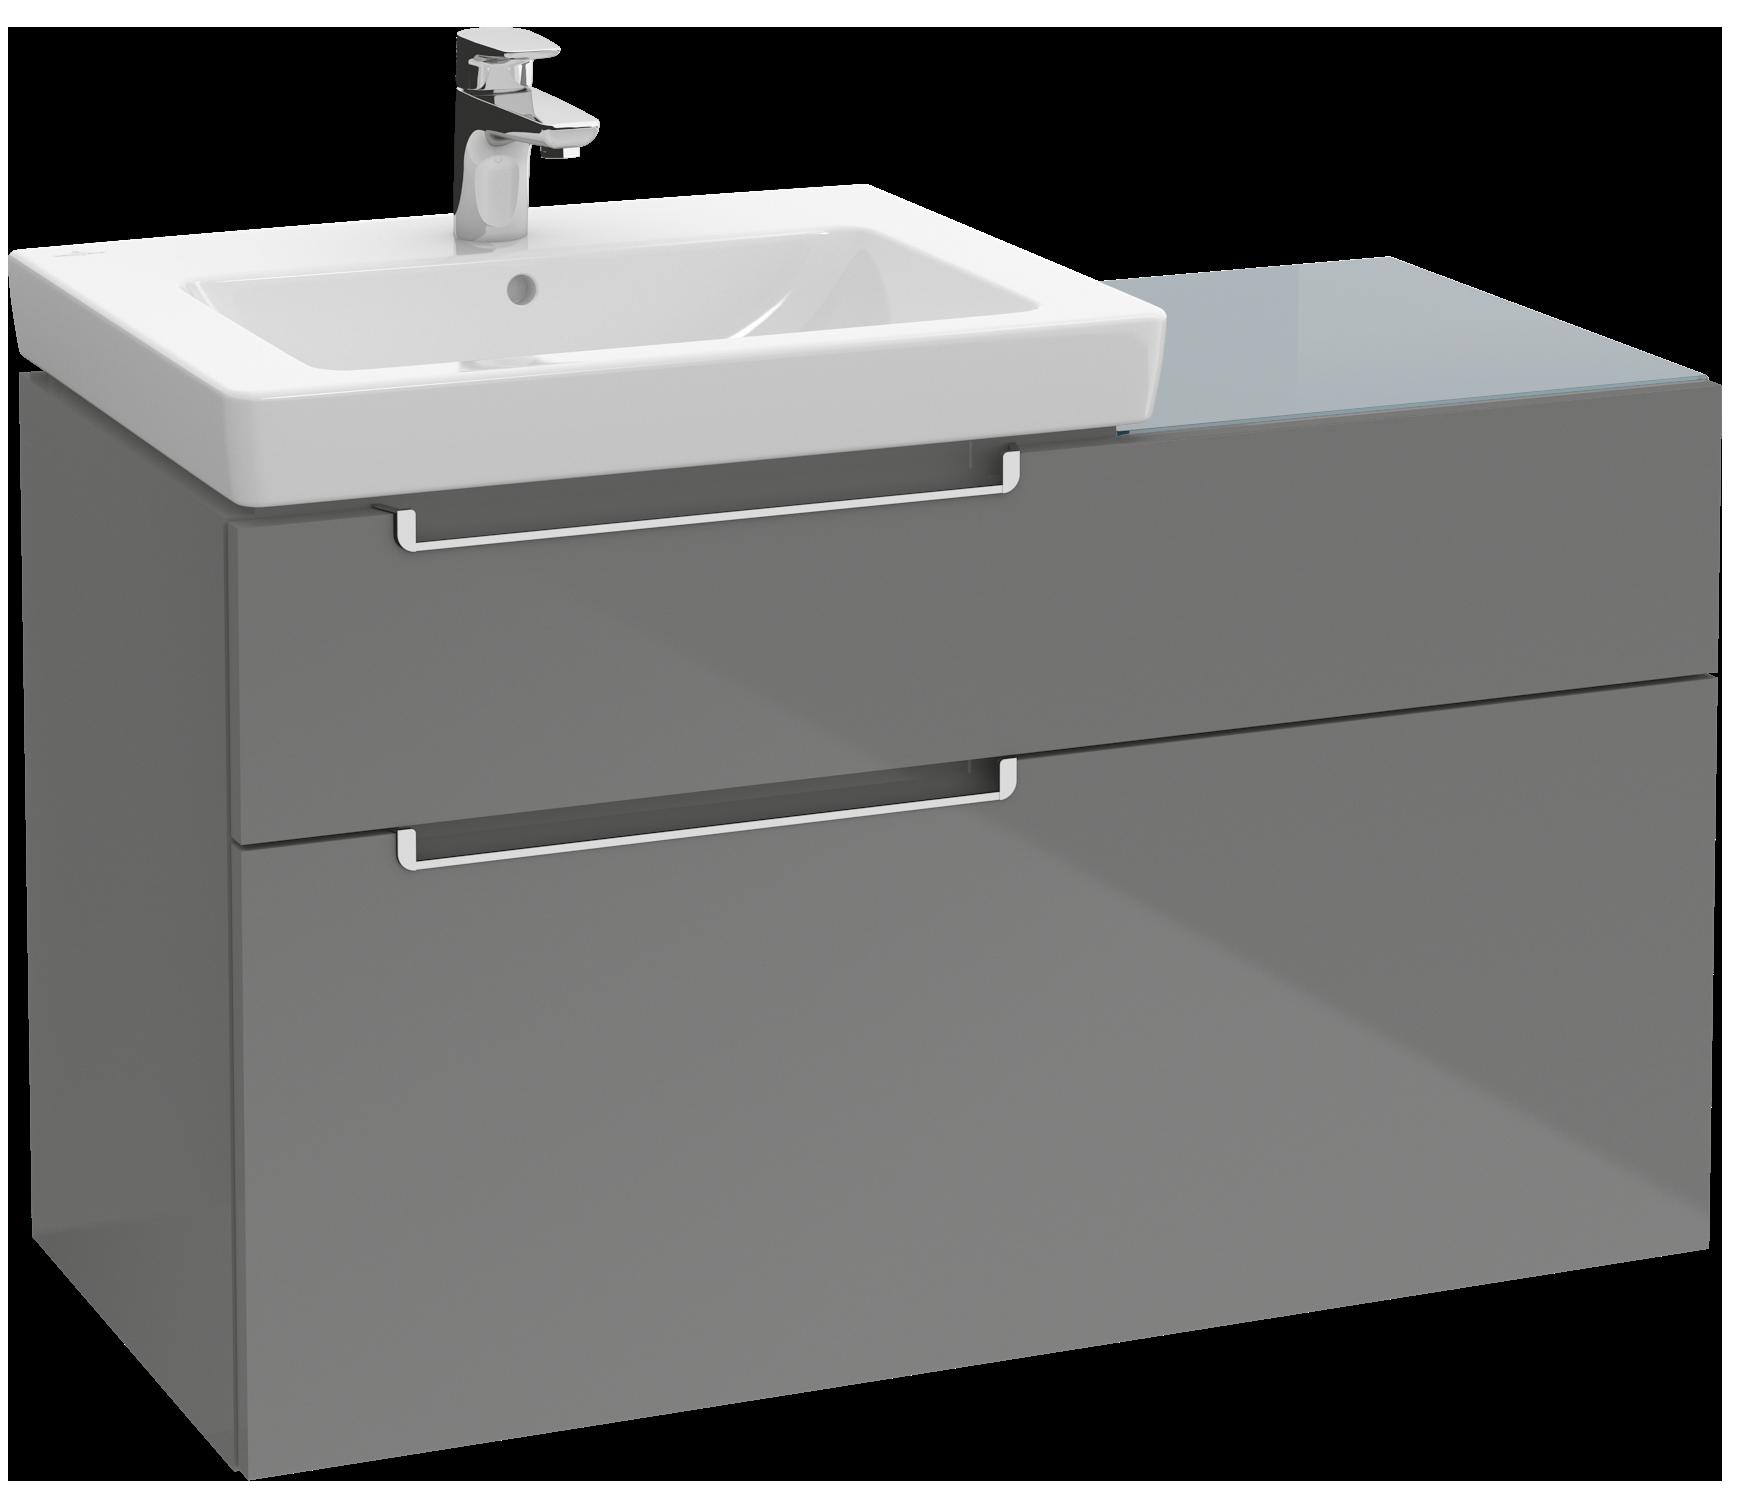 subway 2.0 waschtischunterschrank a9190r - villeroy & boch, Badezimmer ideen